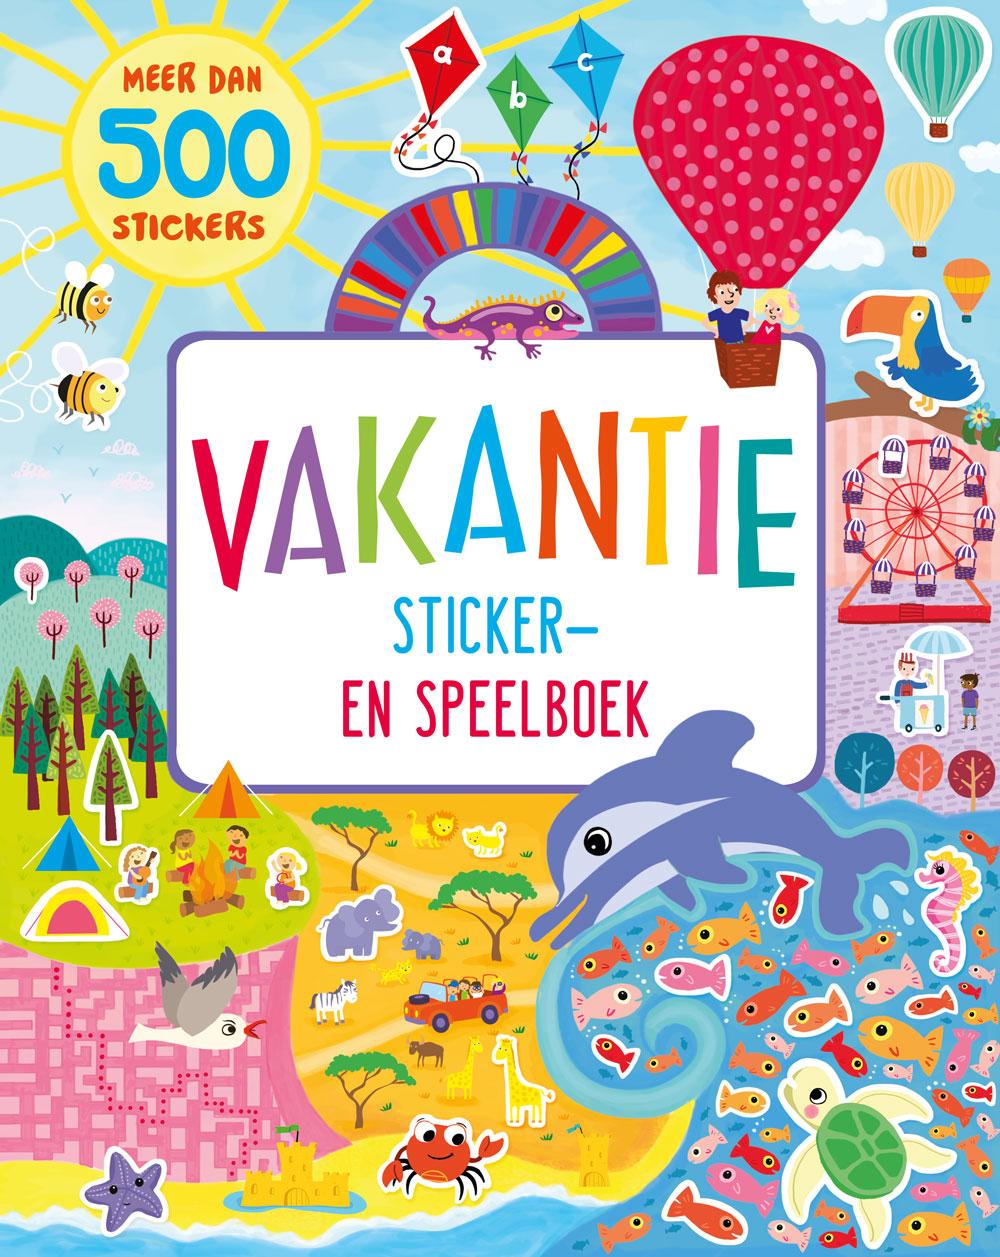 Vakantie sticker- en speelboek